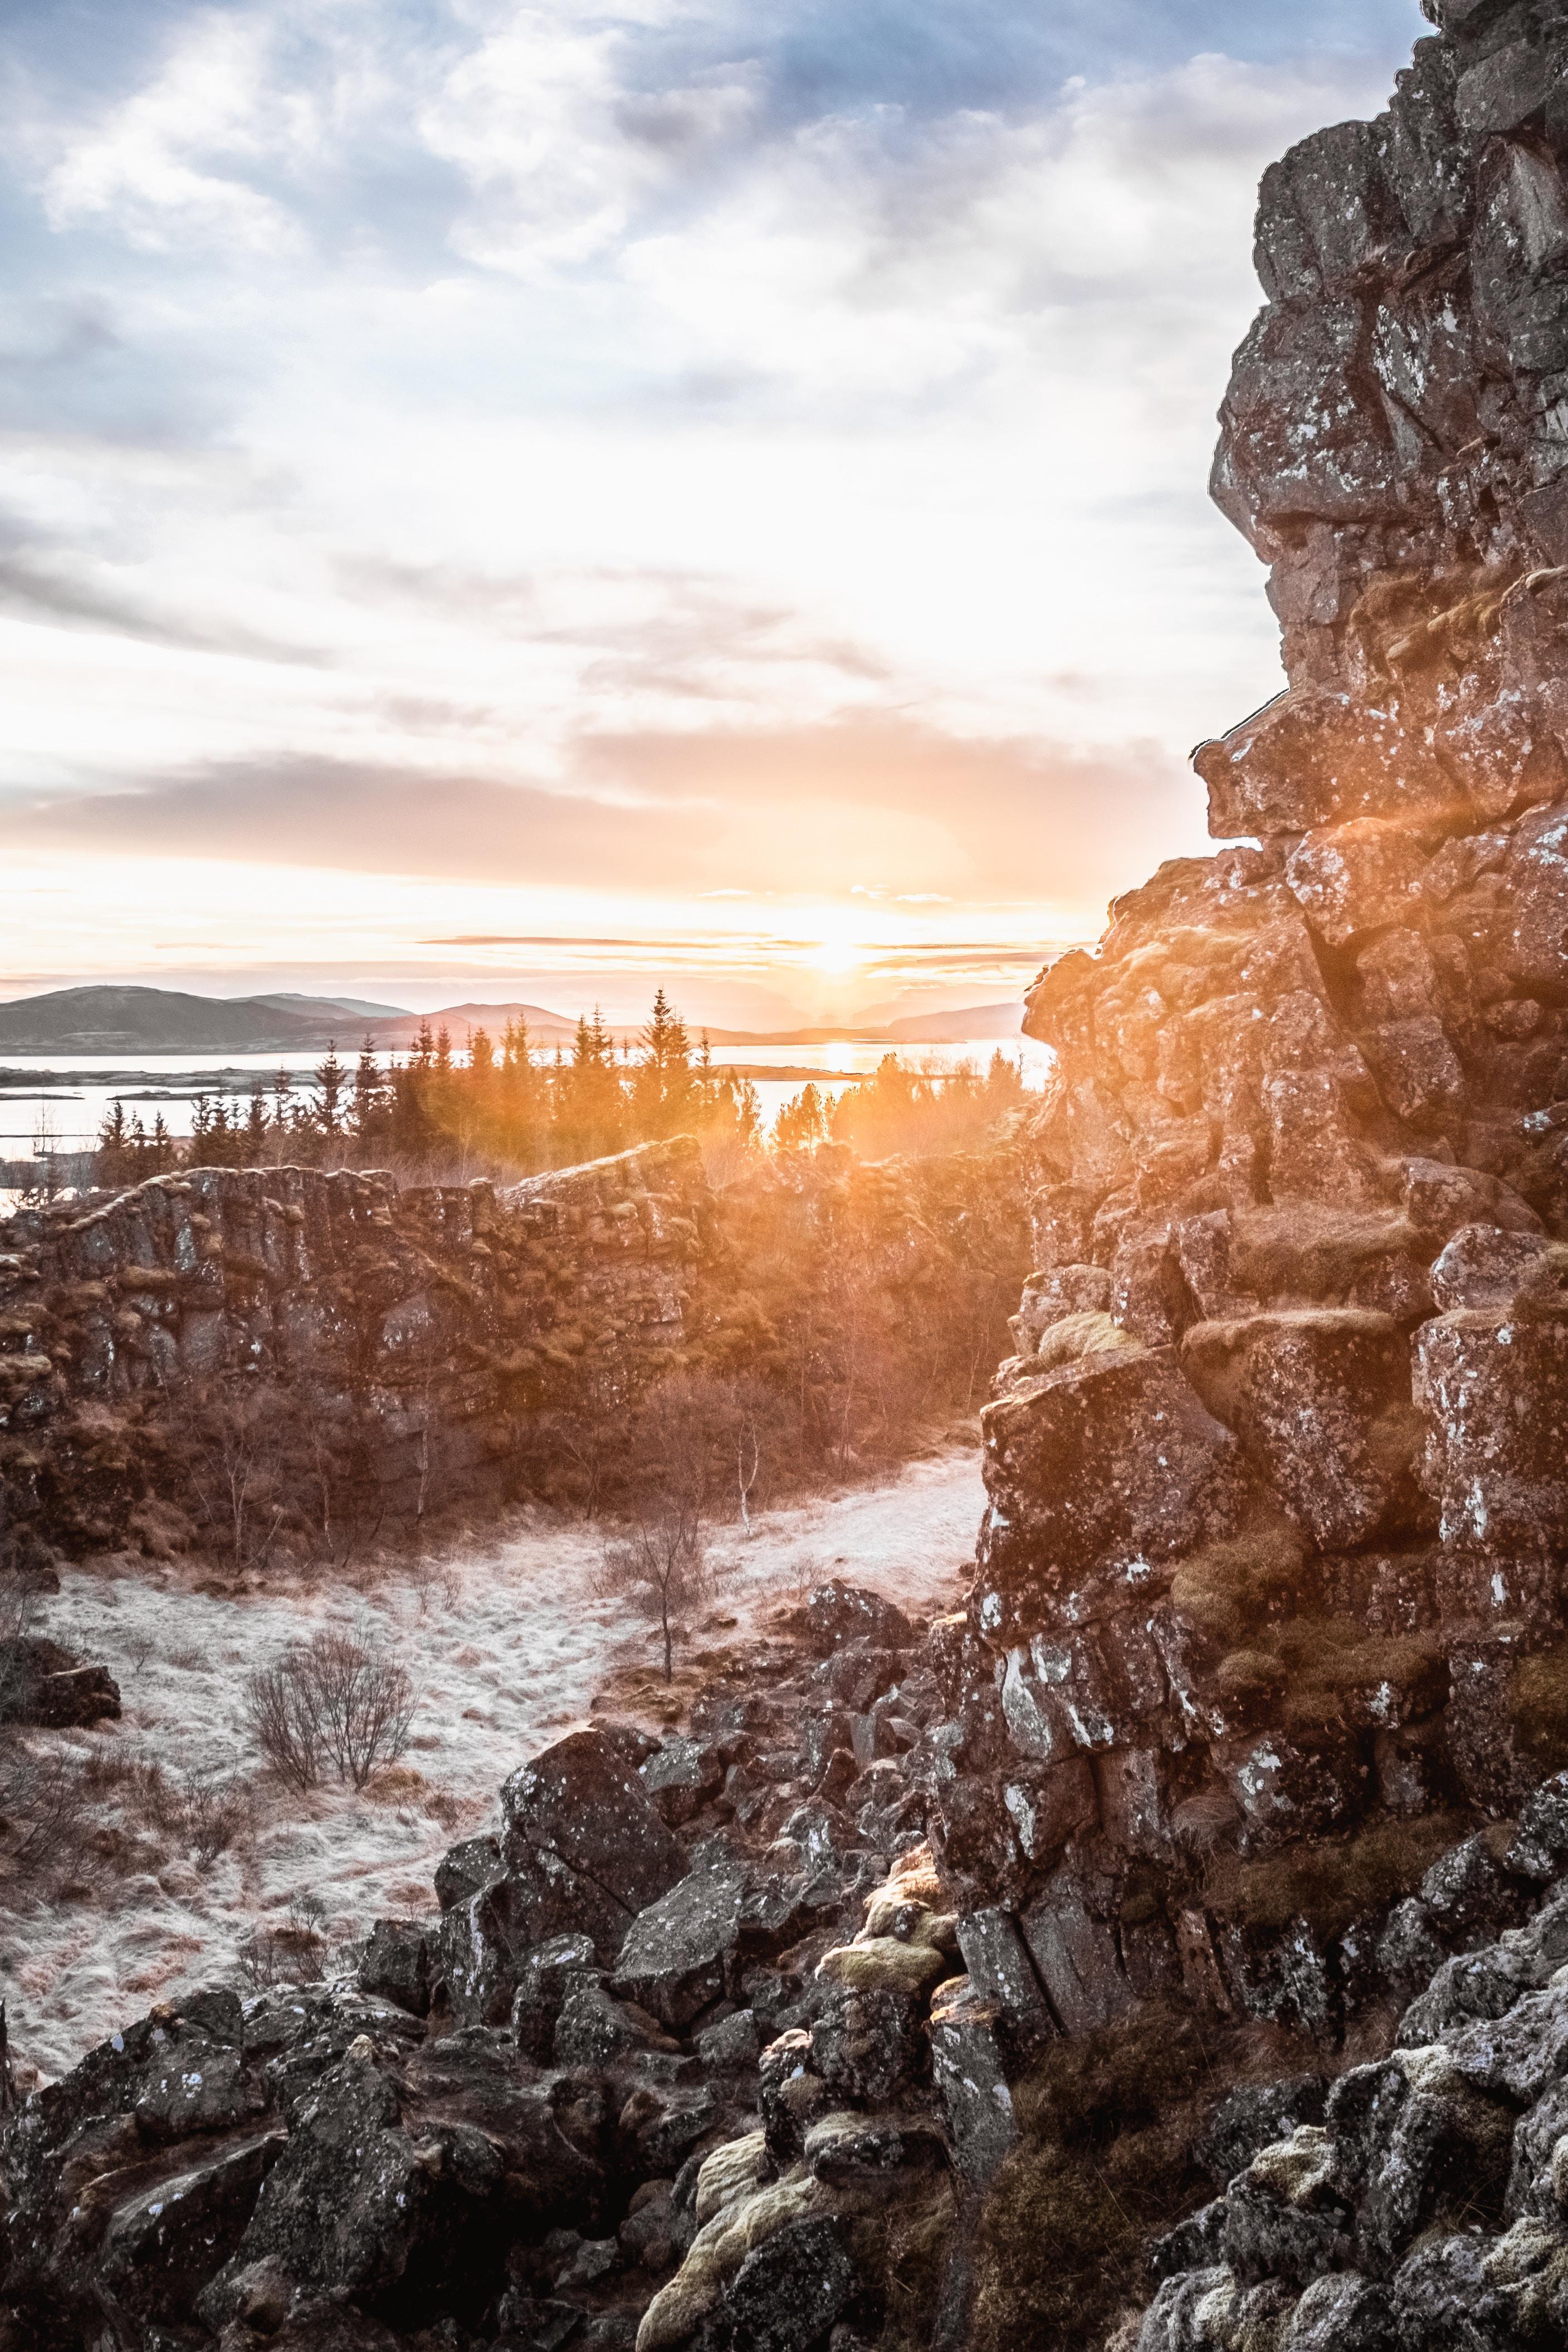 rocky hill beside river across woods aty sunrise